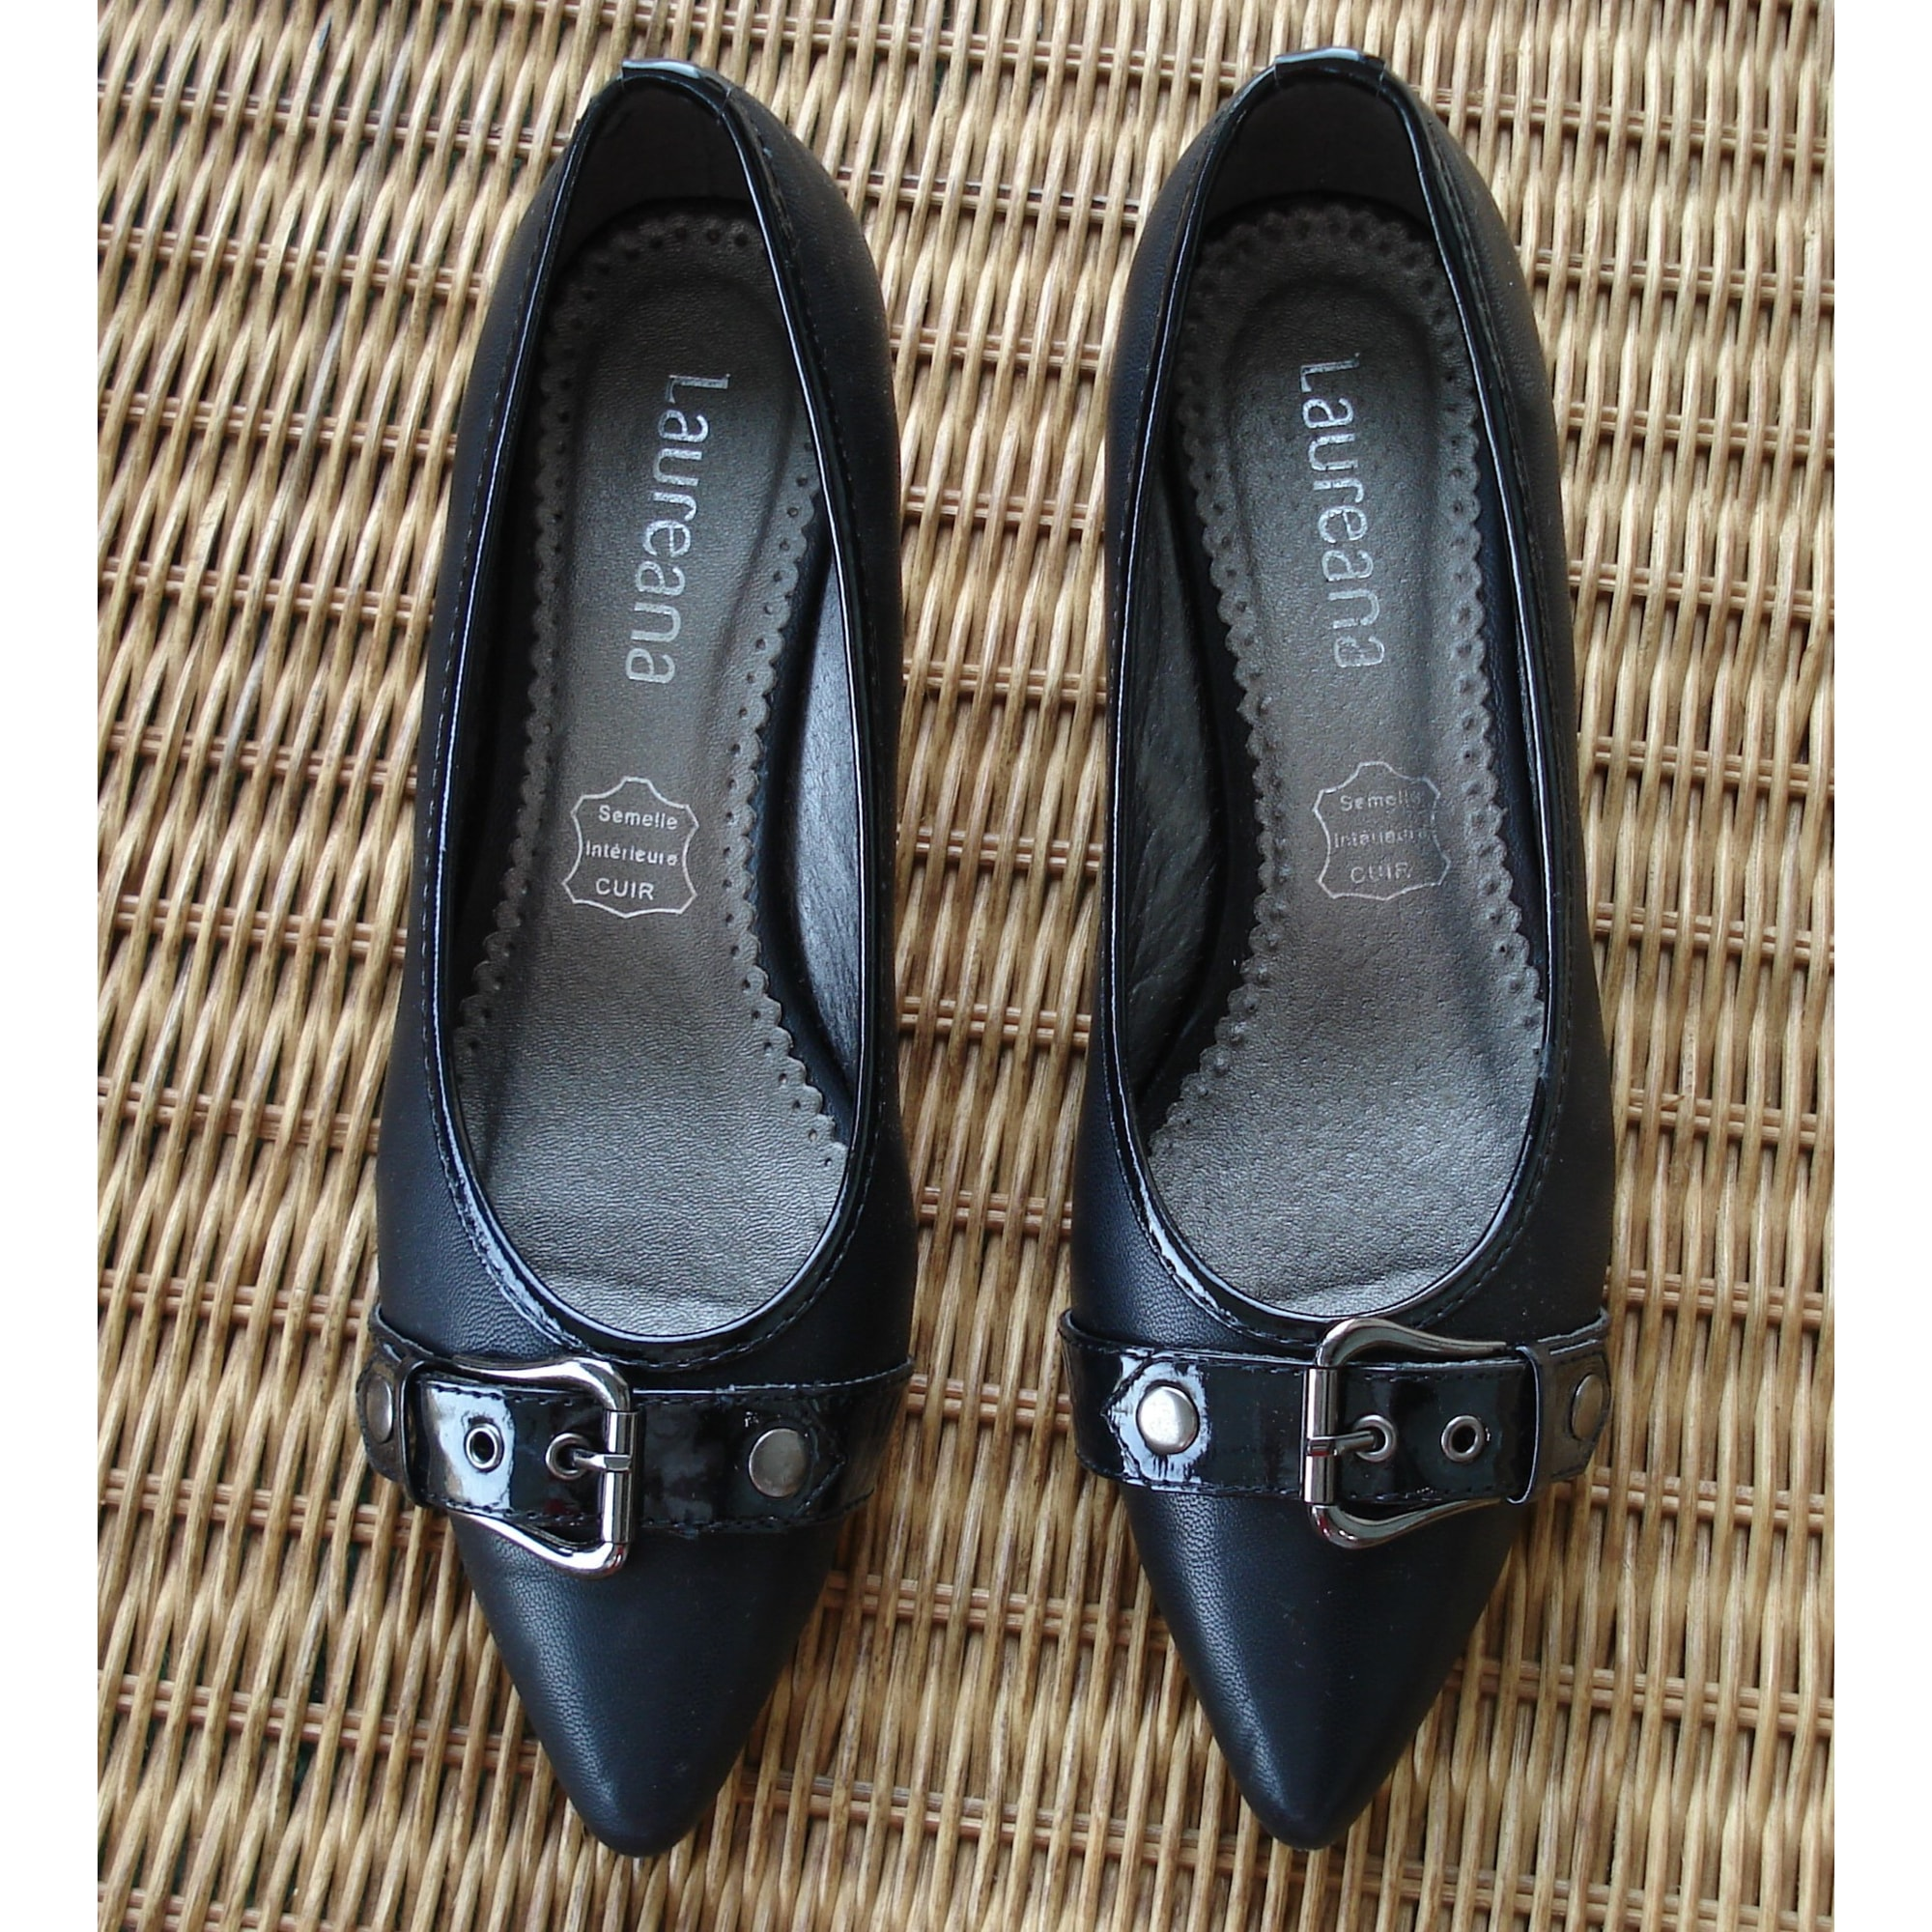 Chaussures Femme escarpins, bottes, baskets Vans La Halle